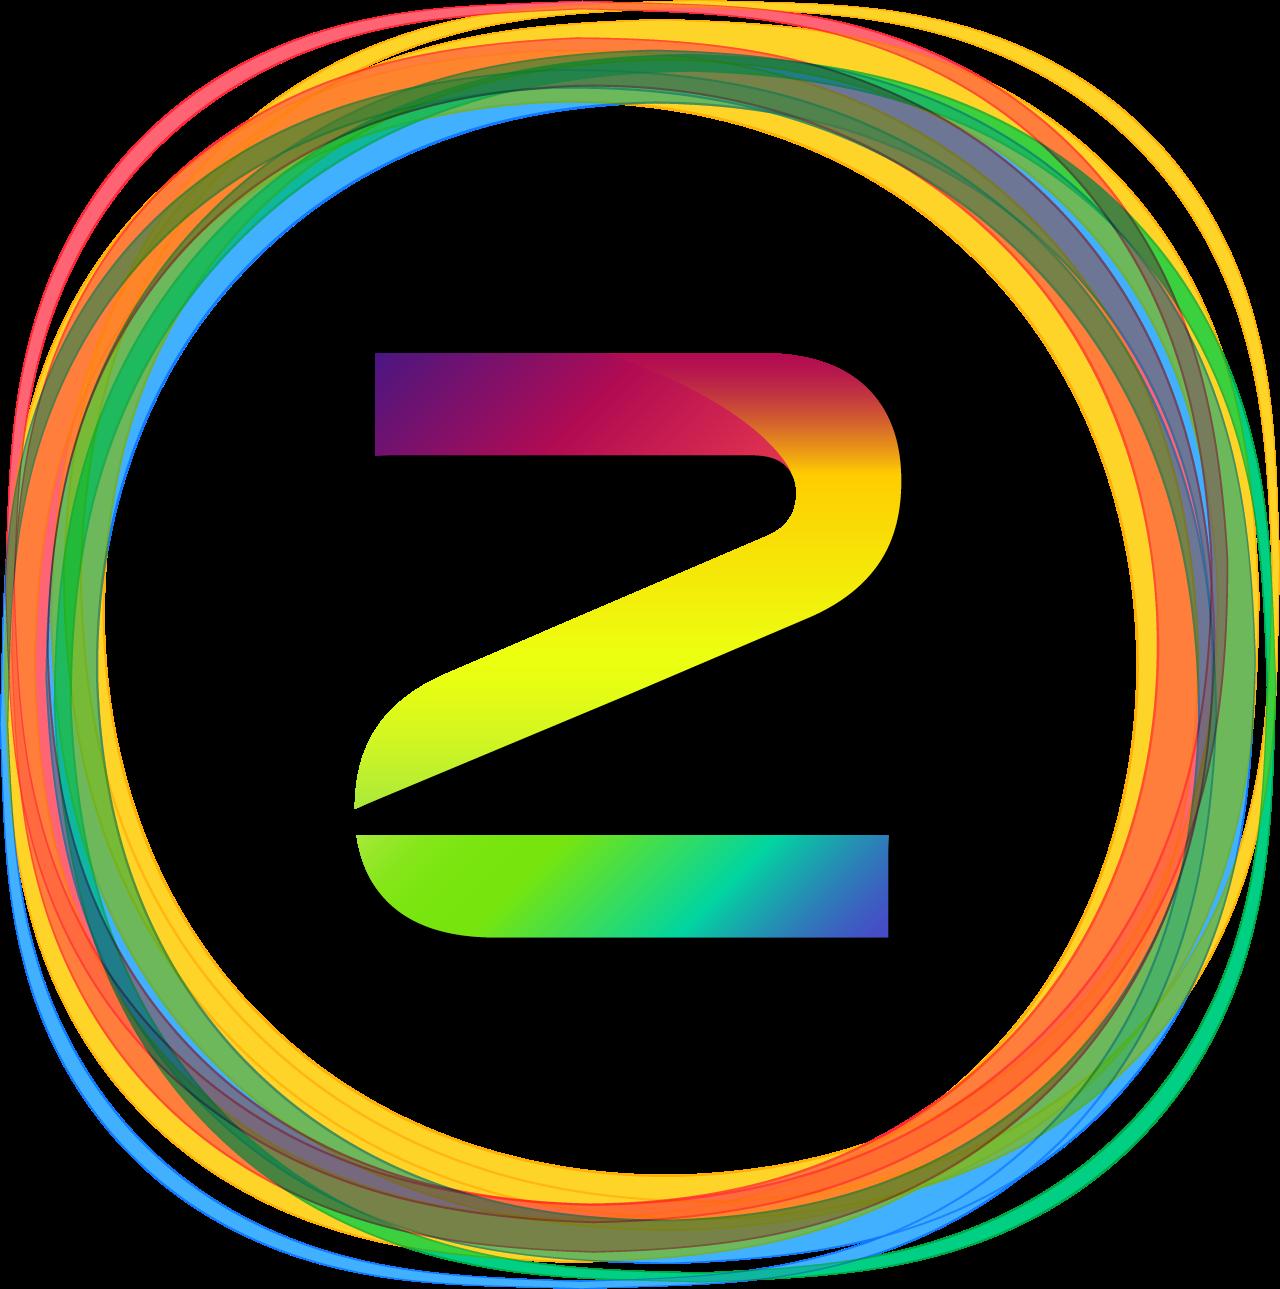 ZalanDrive - S logo